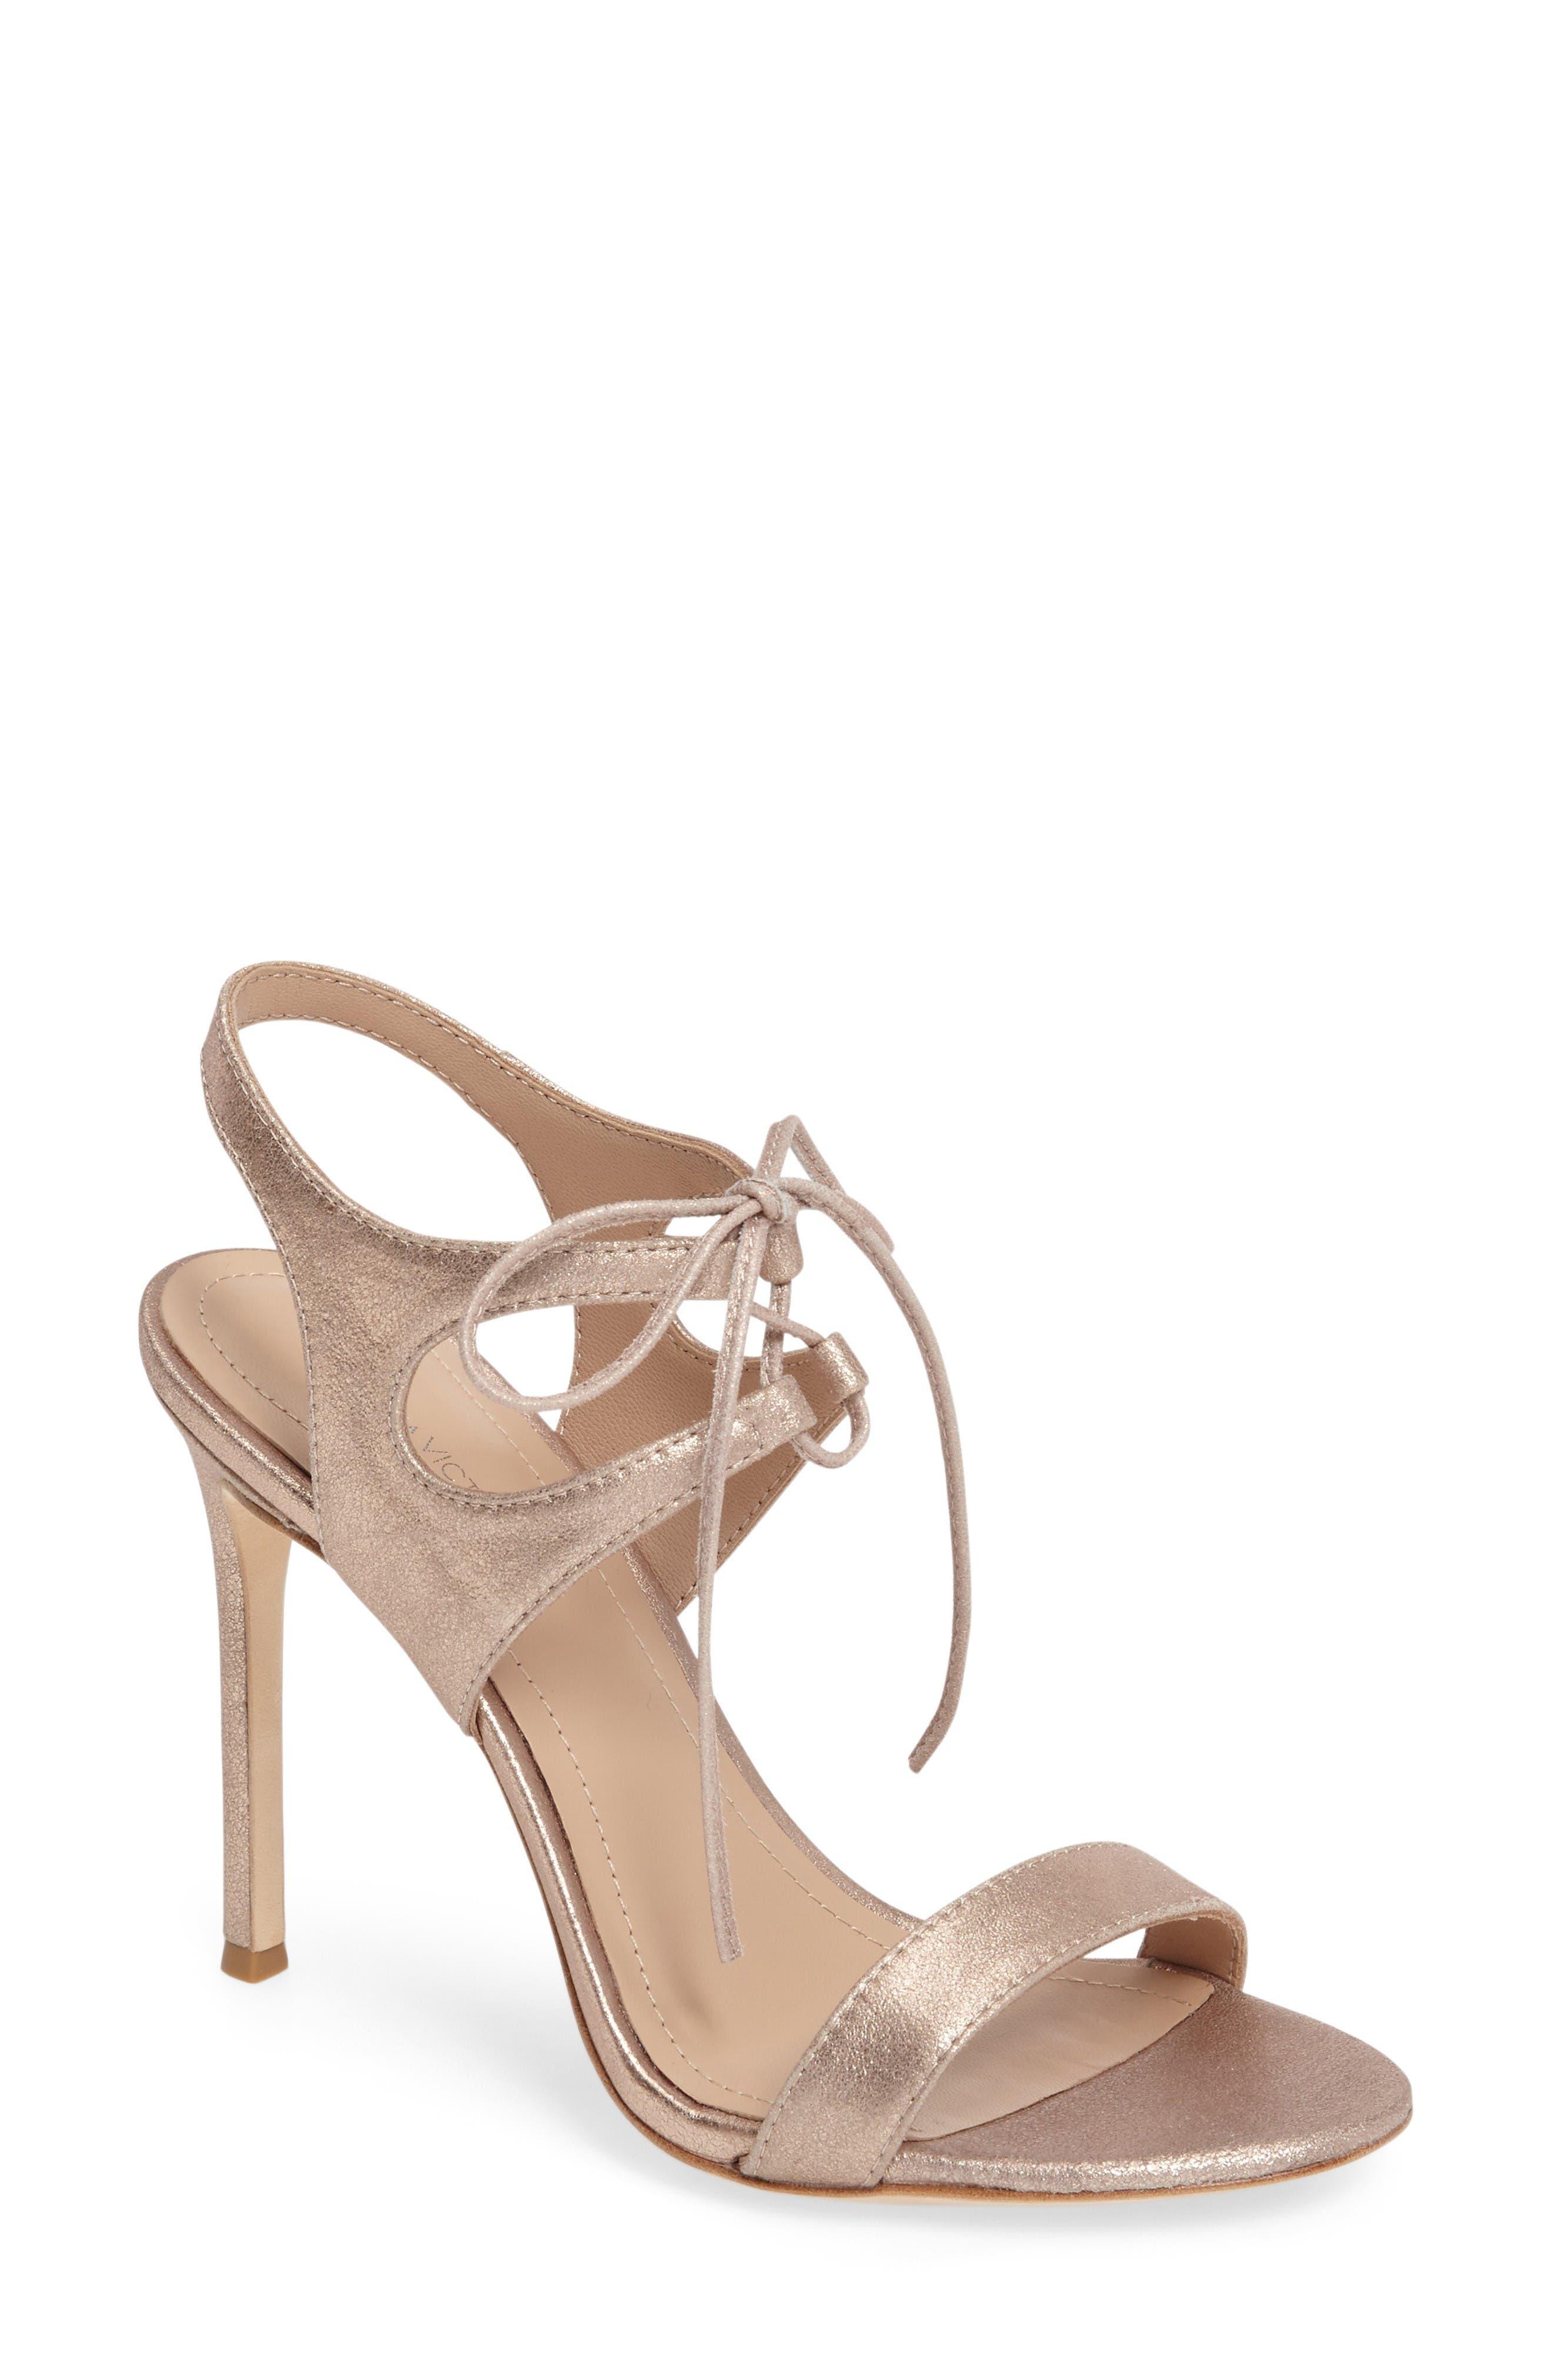 Main Image - Pour la Victorie 'Elisa' Sandal (Women)